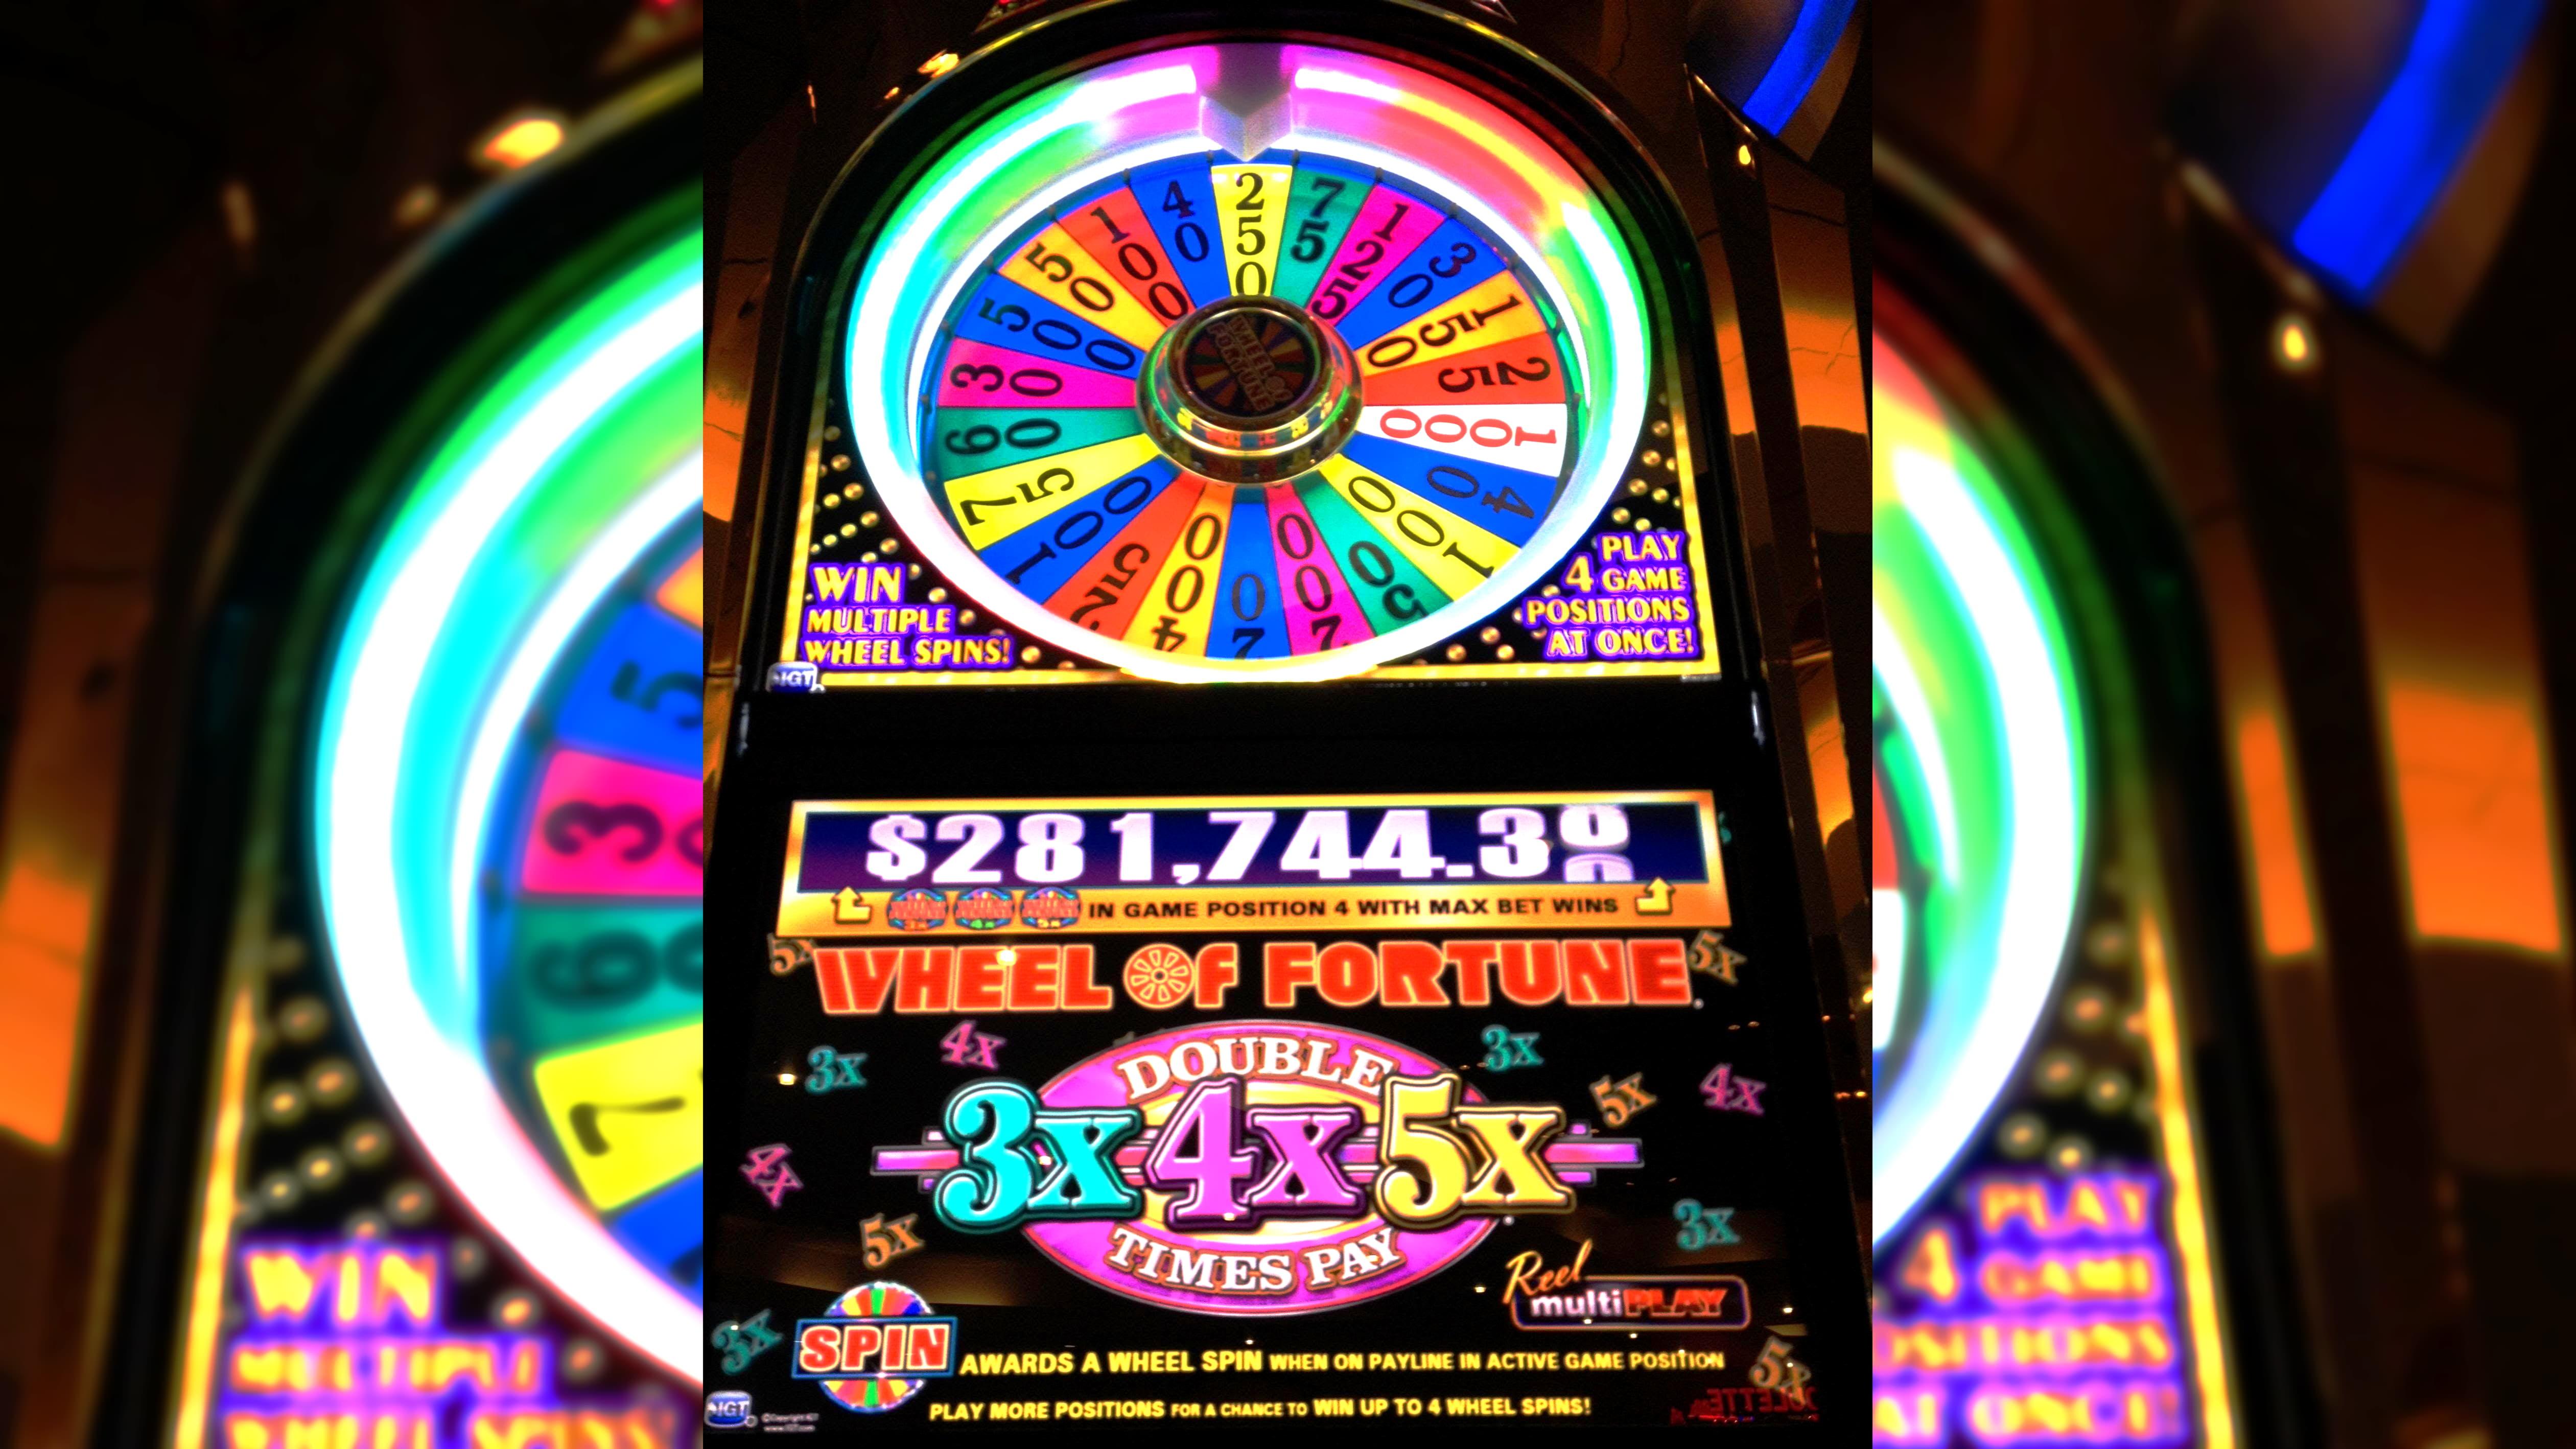 jackpotwheelcasinobonuscodes cashback